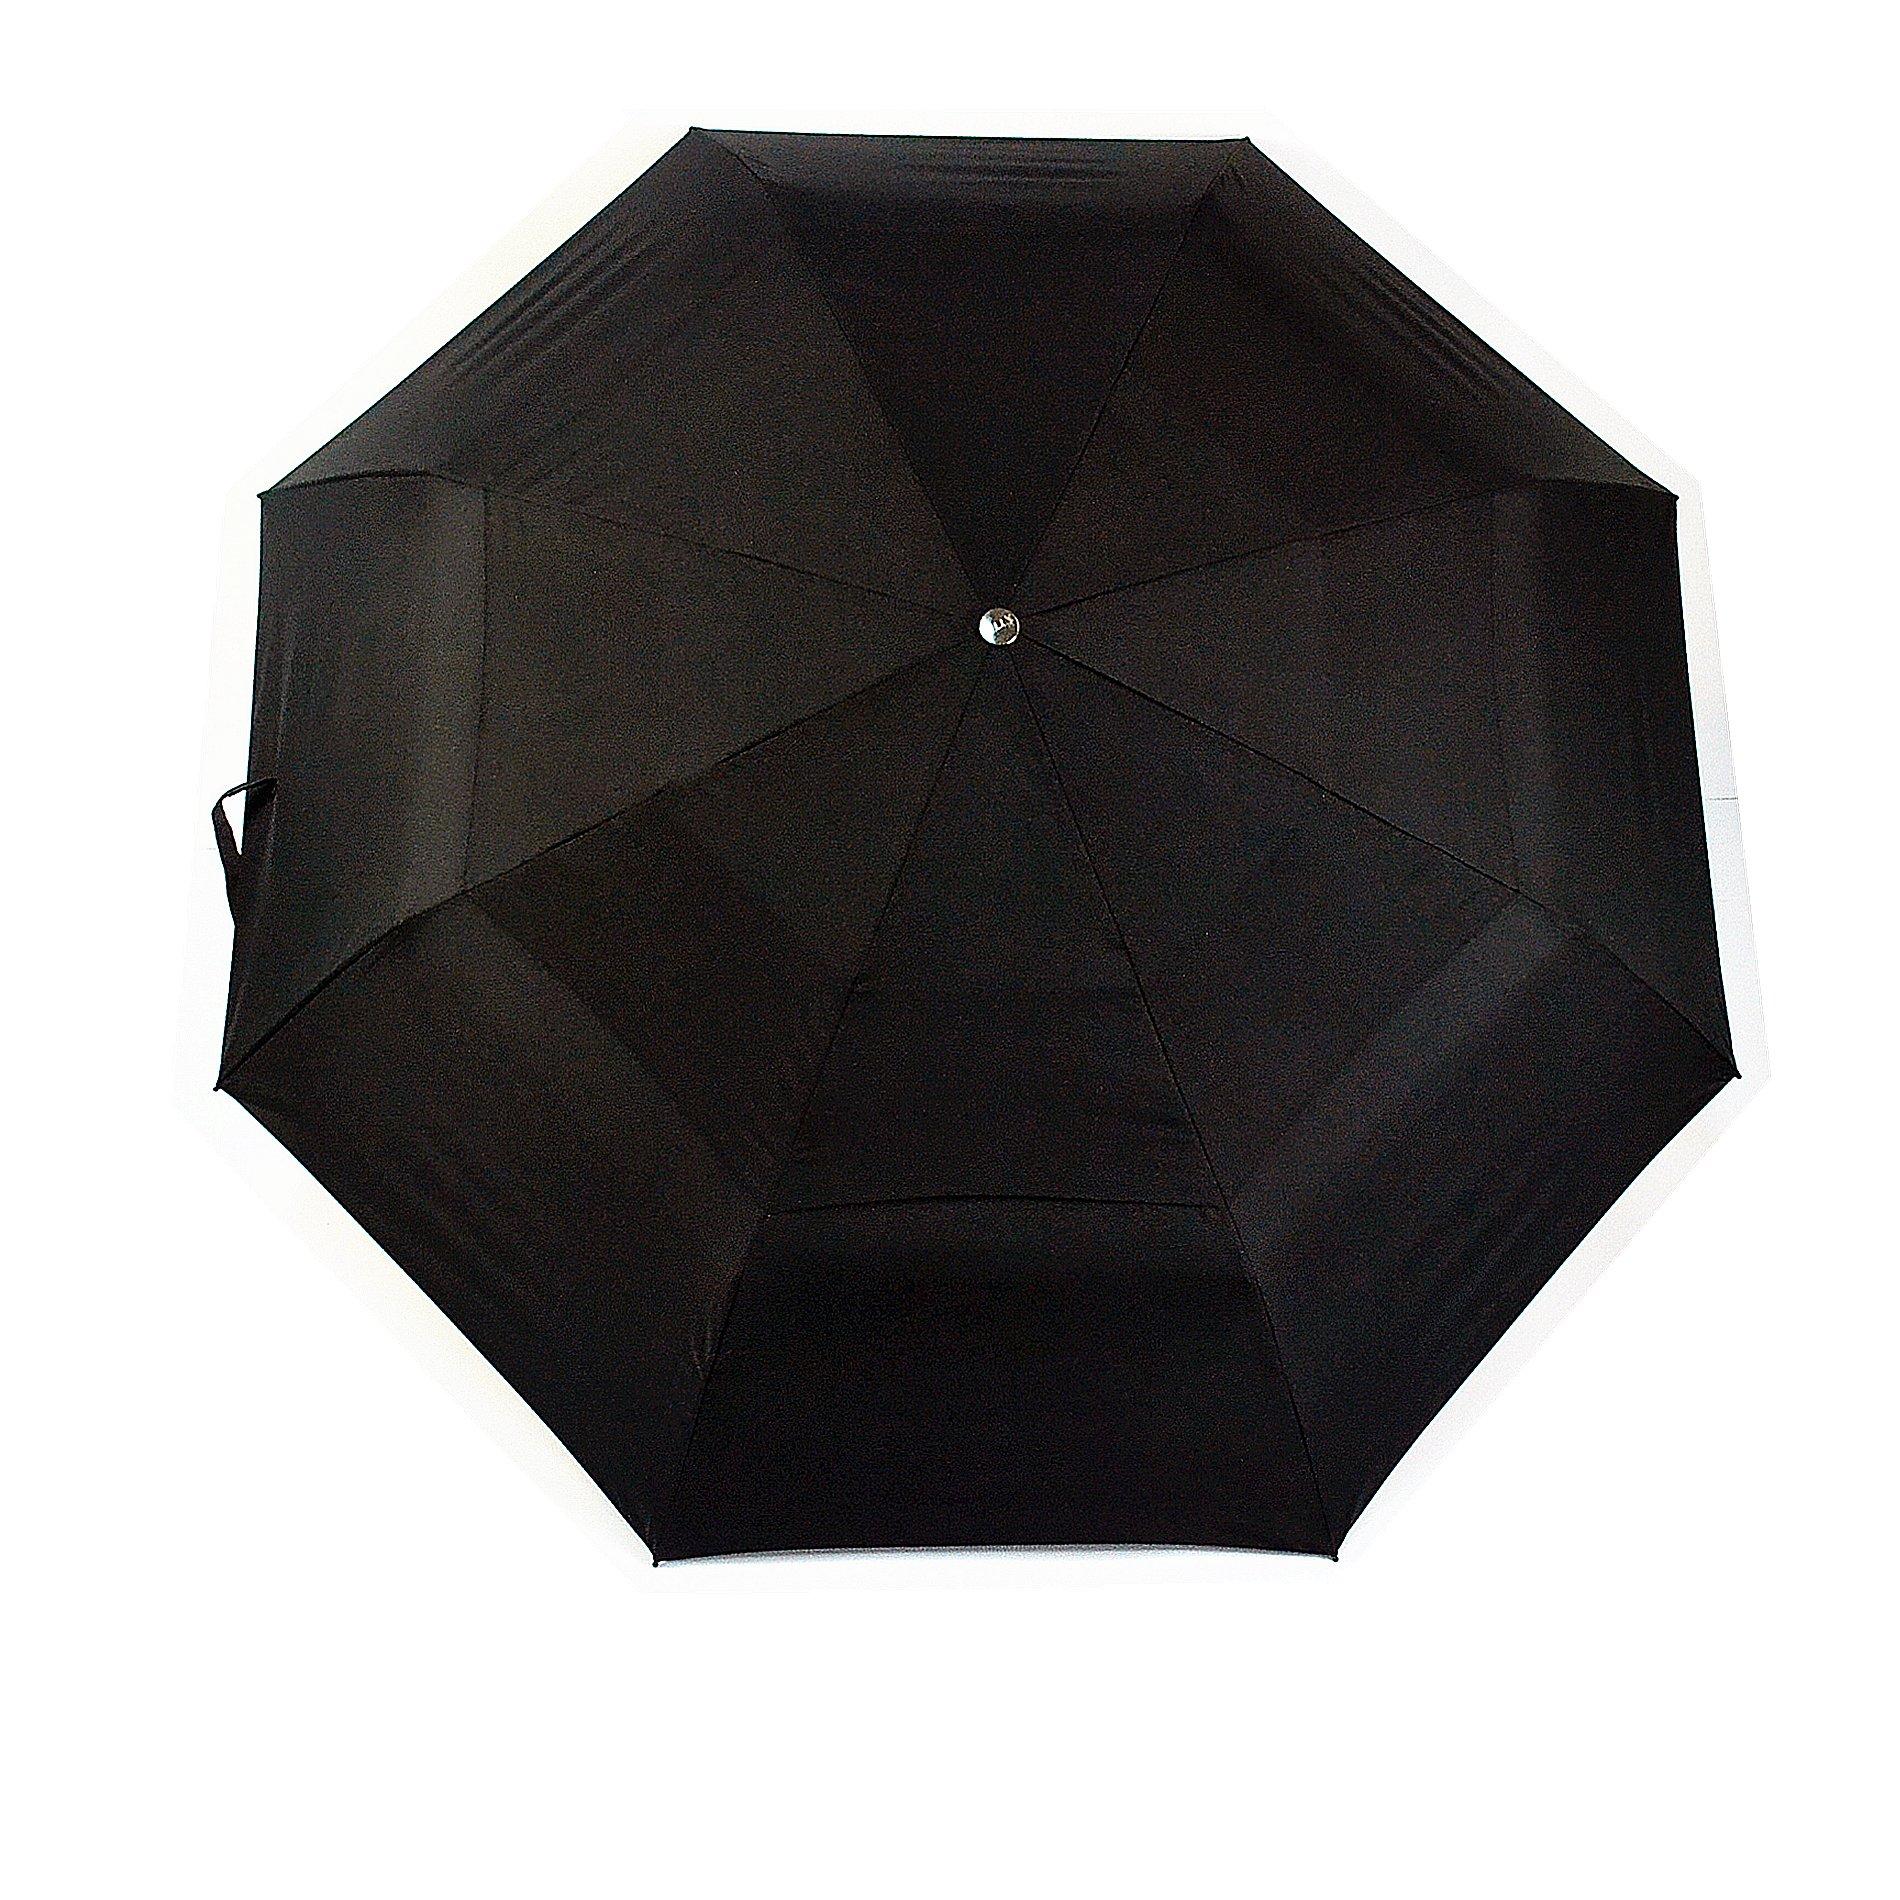 Umbrella Mens Windproof Auto Open Close Compact Travel Golf portable wooden handle black